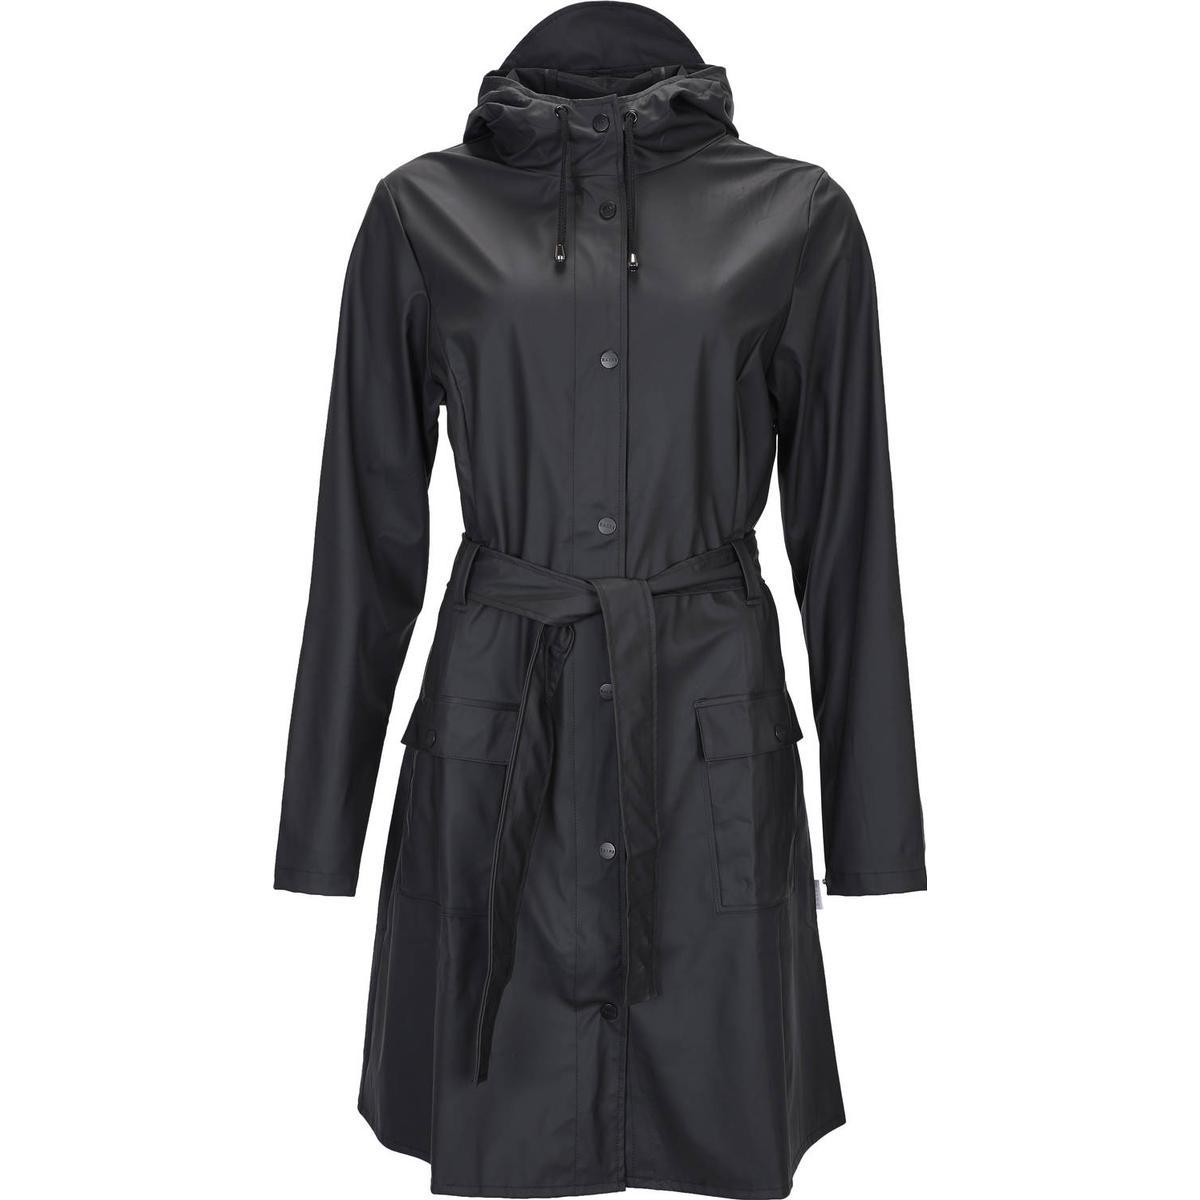 40bab0dcc97 Regnfrakke Dametøj - Sammenlign priser hos PriceRunner